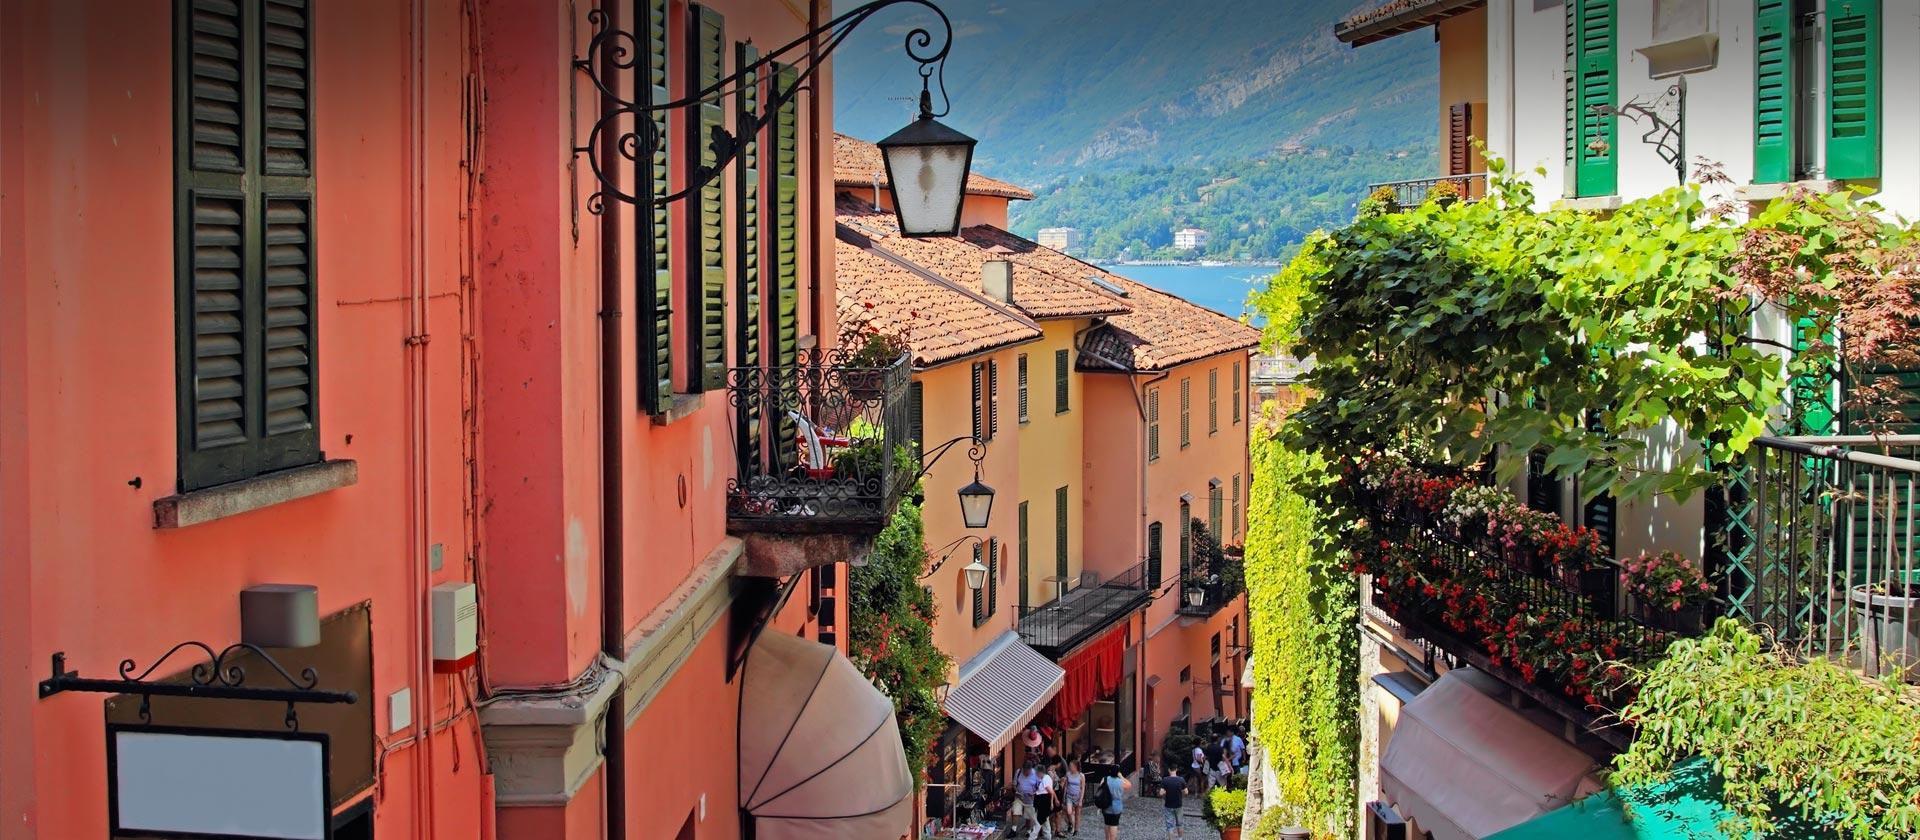 Serbelloni staircase Bellagio